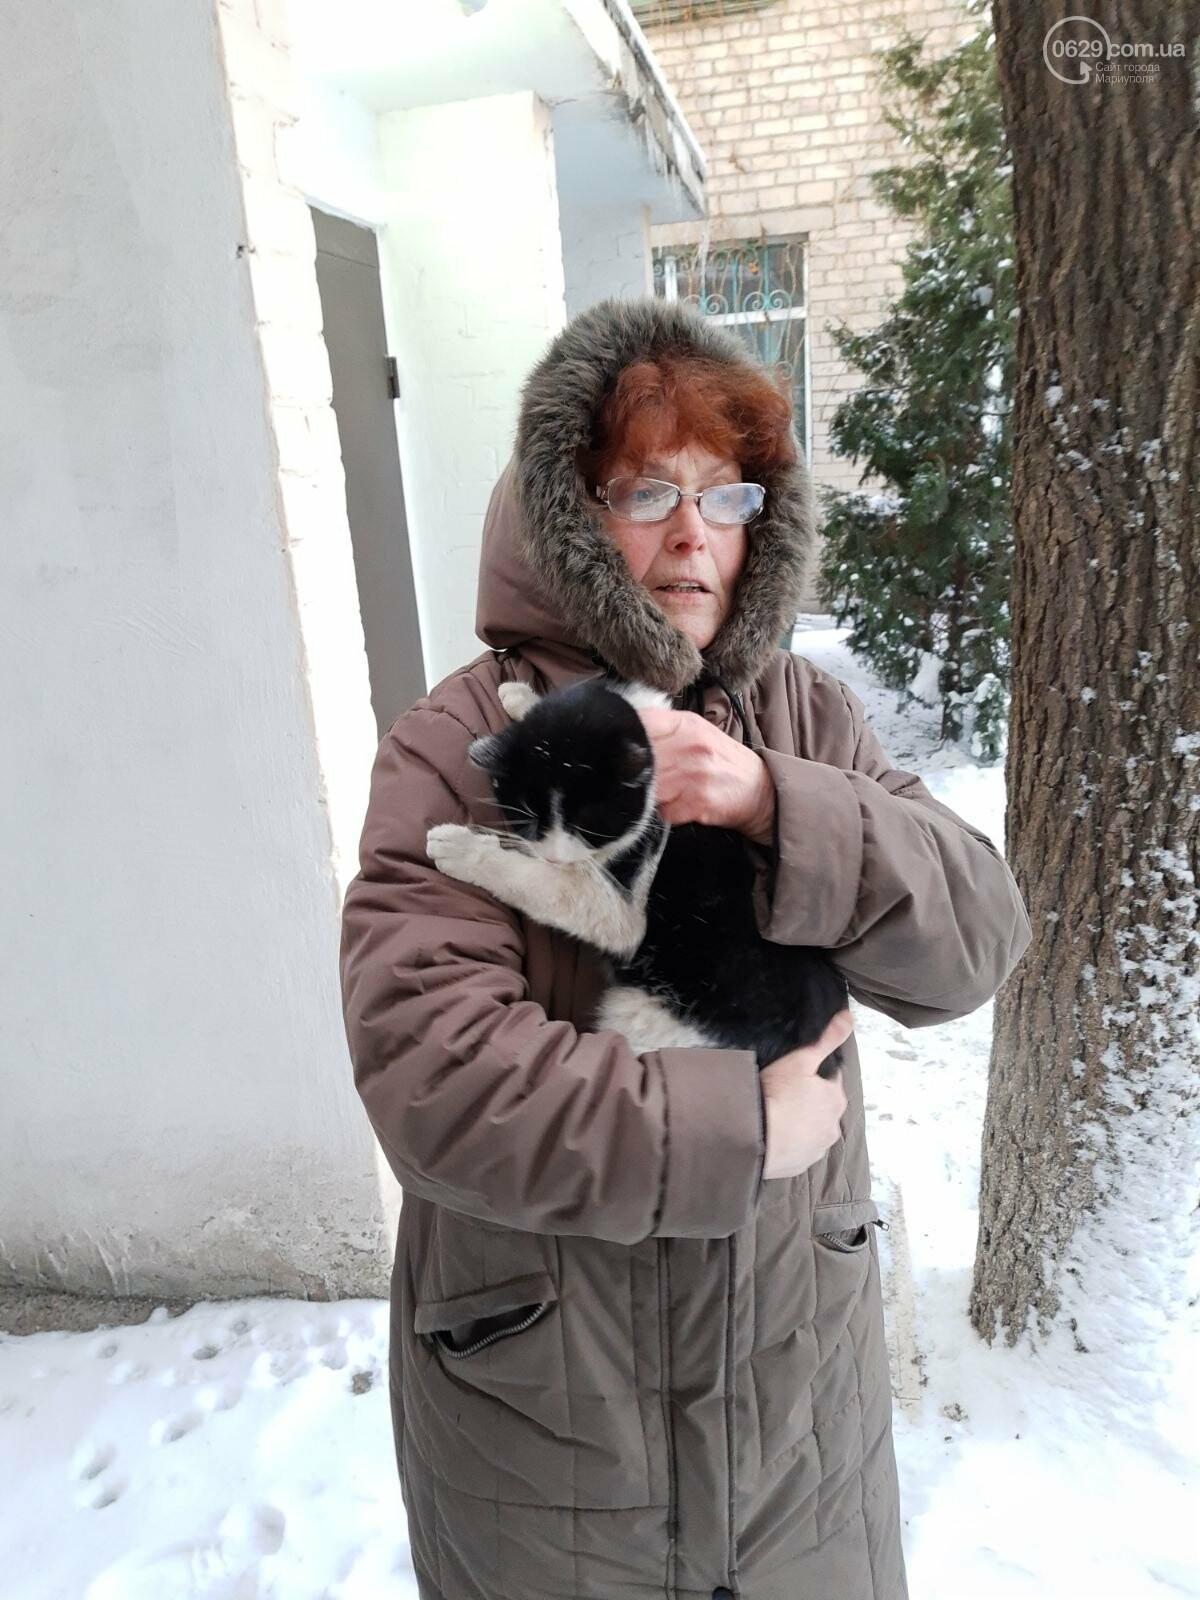 В Мариуполе спасли кота, который двое суток просидел на крыше, - ФОТО, фото-3